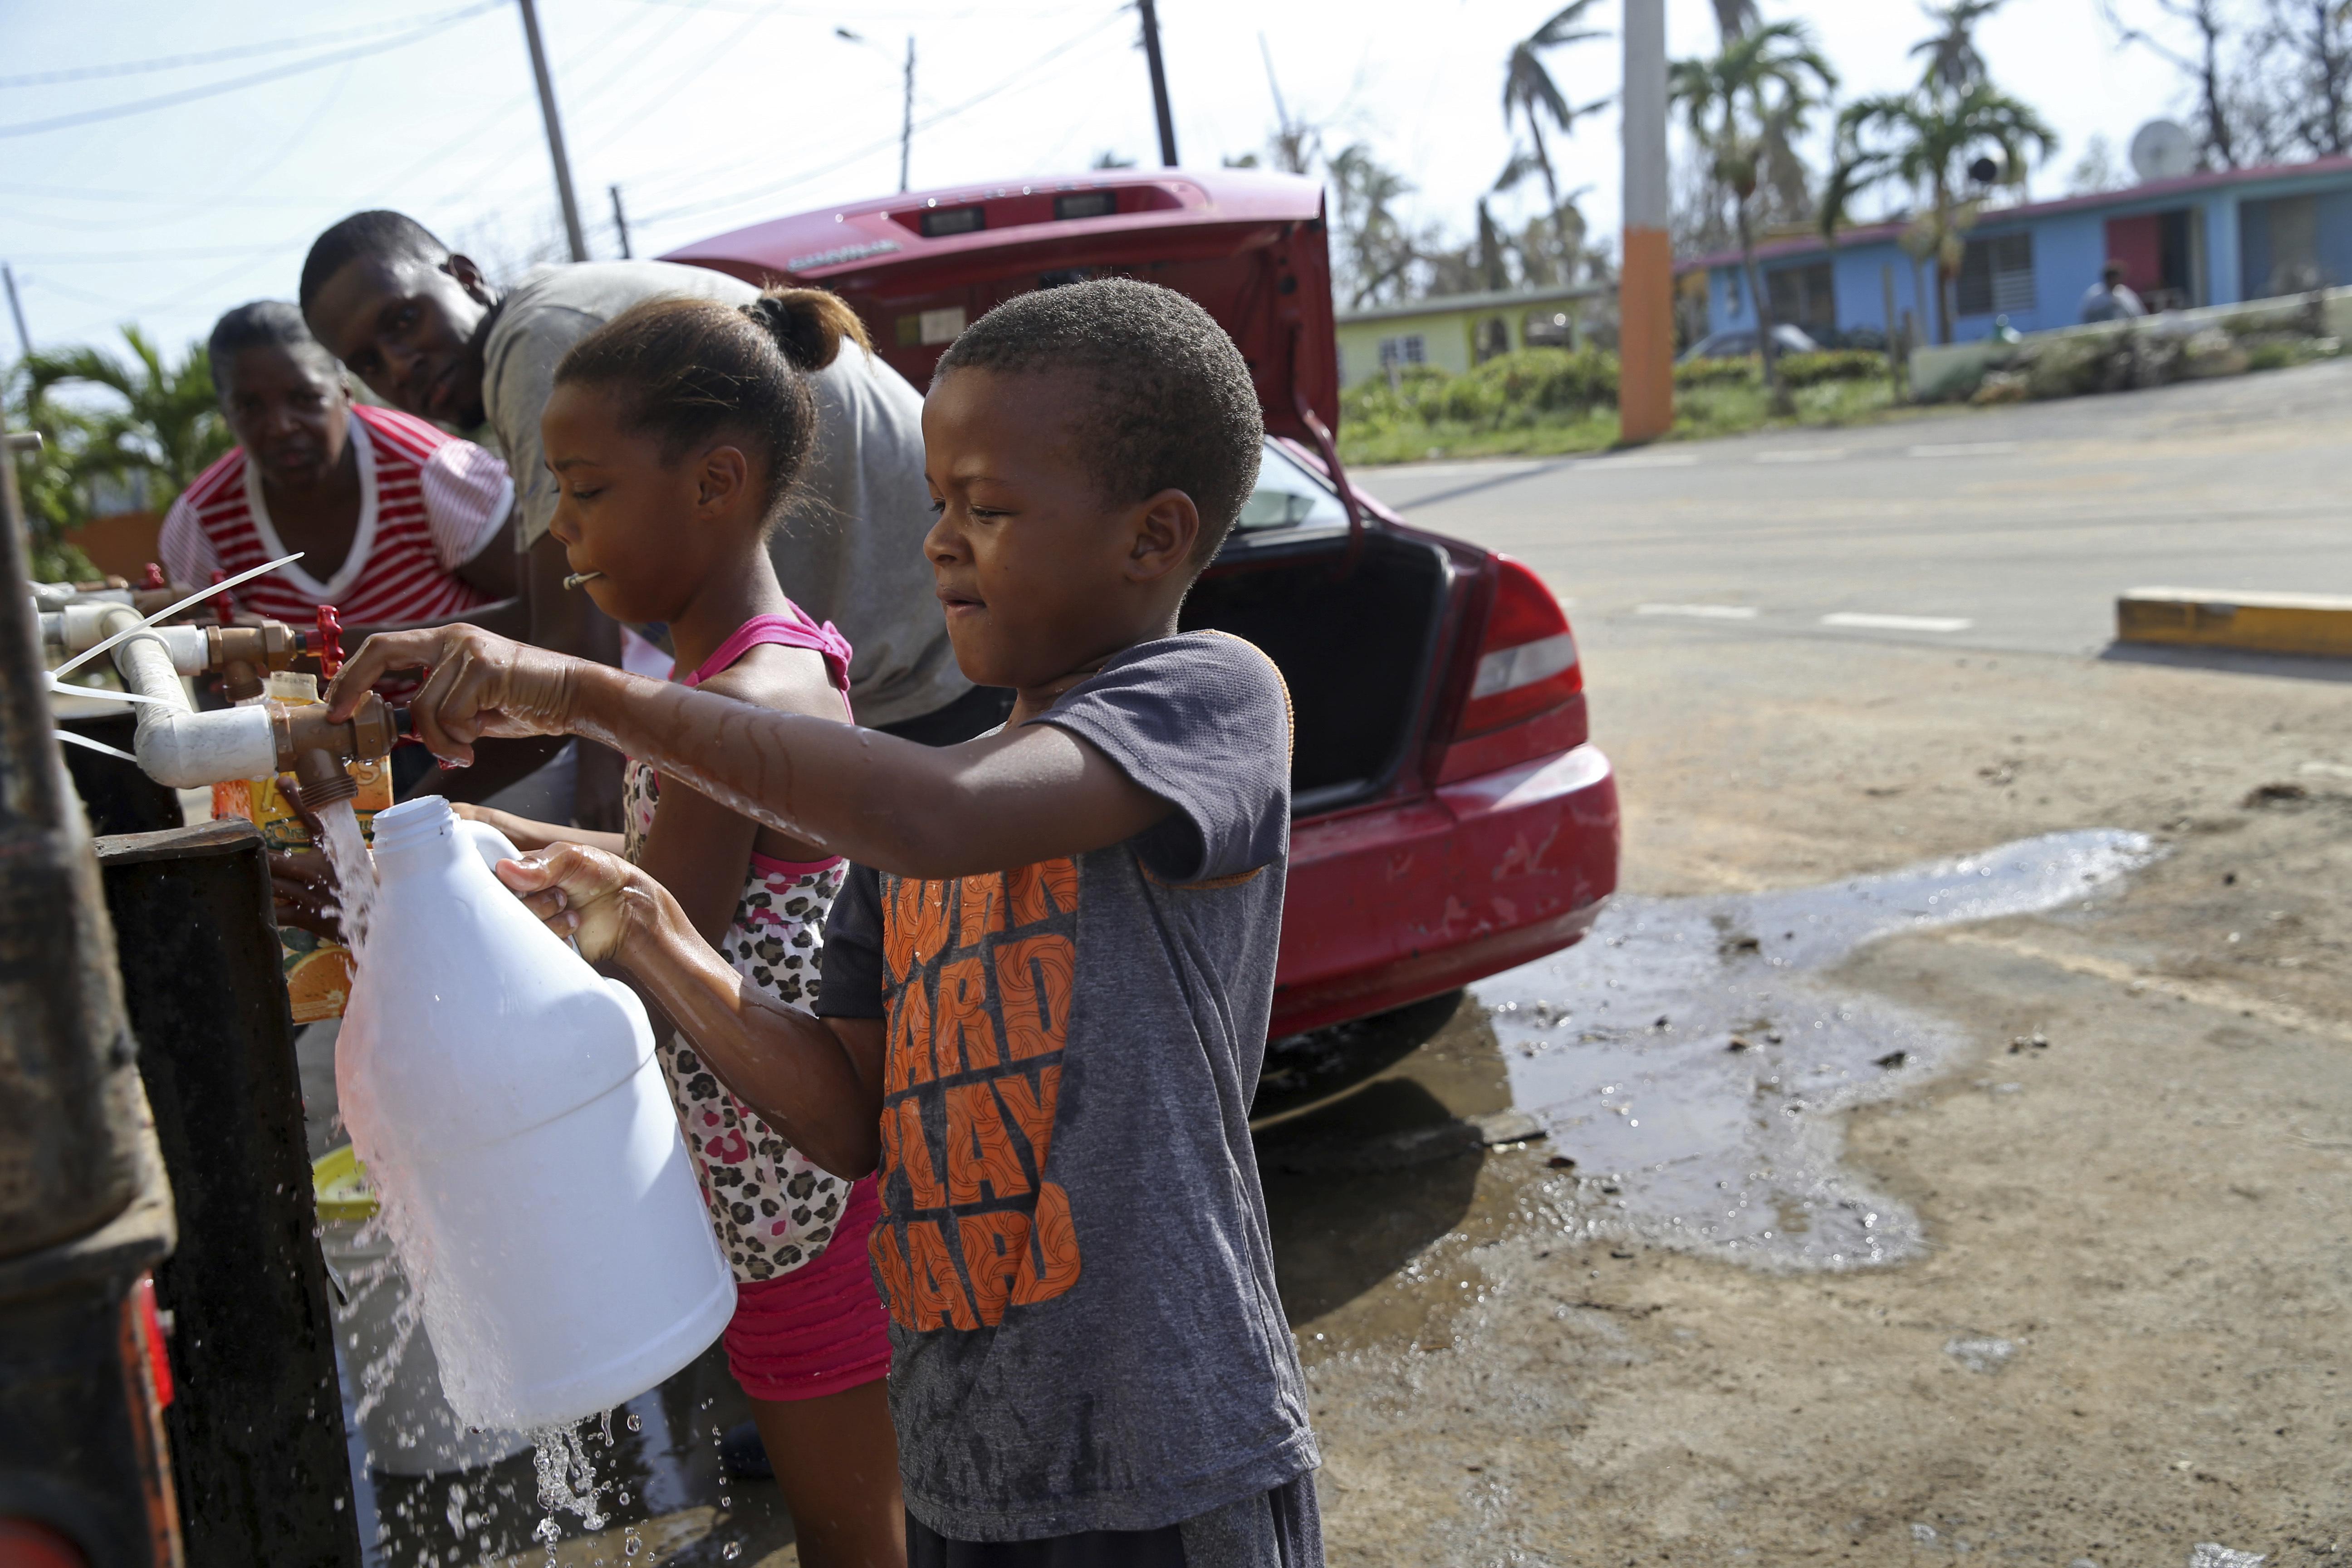 Benicio del Toro Urges Fans to Help Puerto Rico